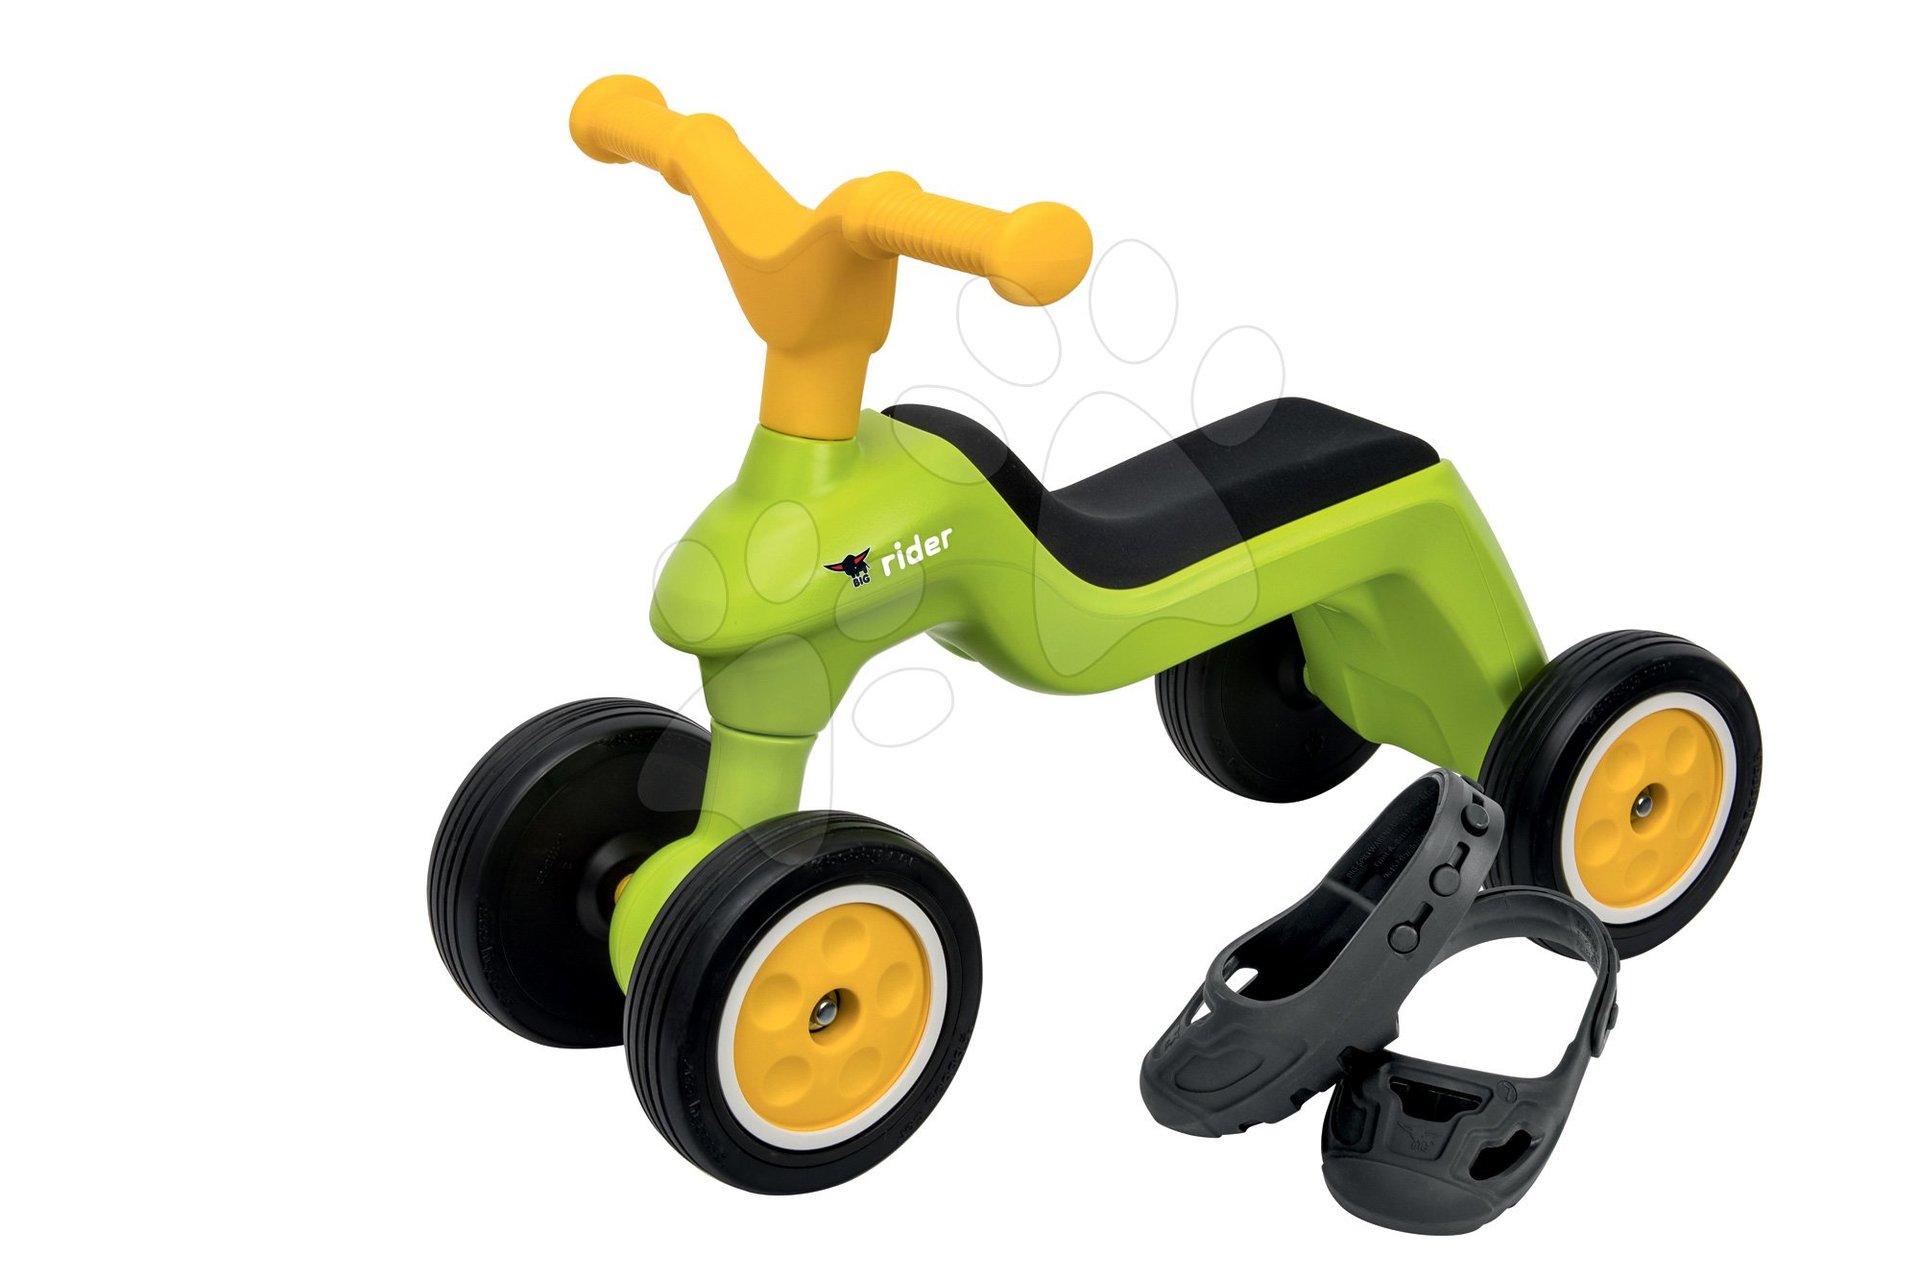 Big odrážadlo Rider vlniace s gumenými kolesami a návleky na topánky 55301 zelené